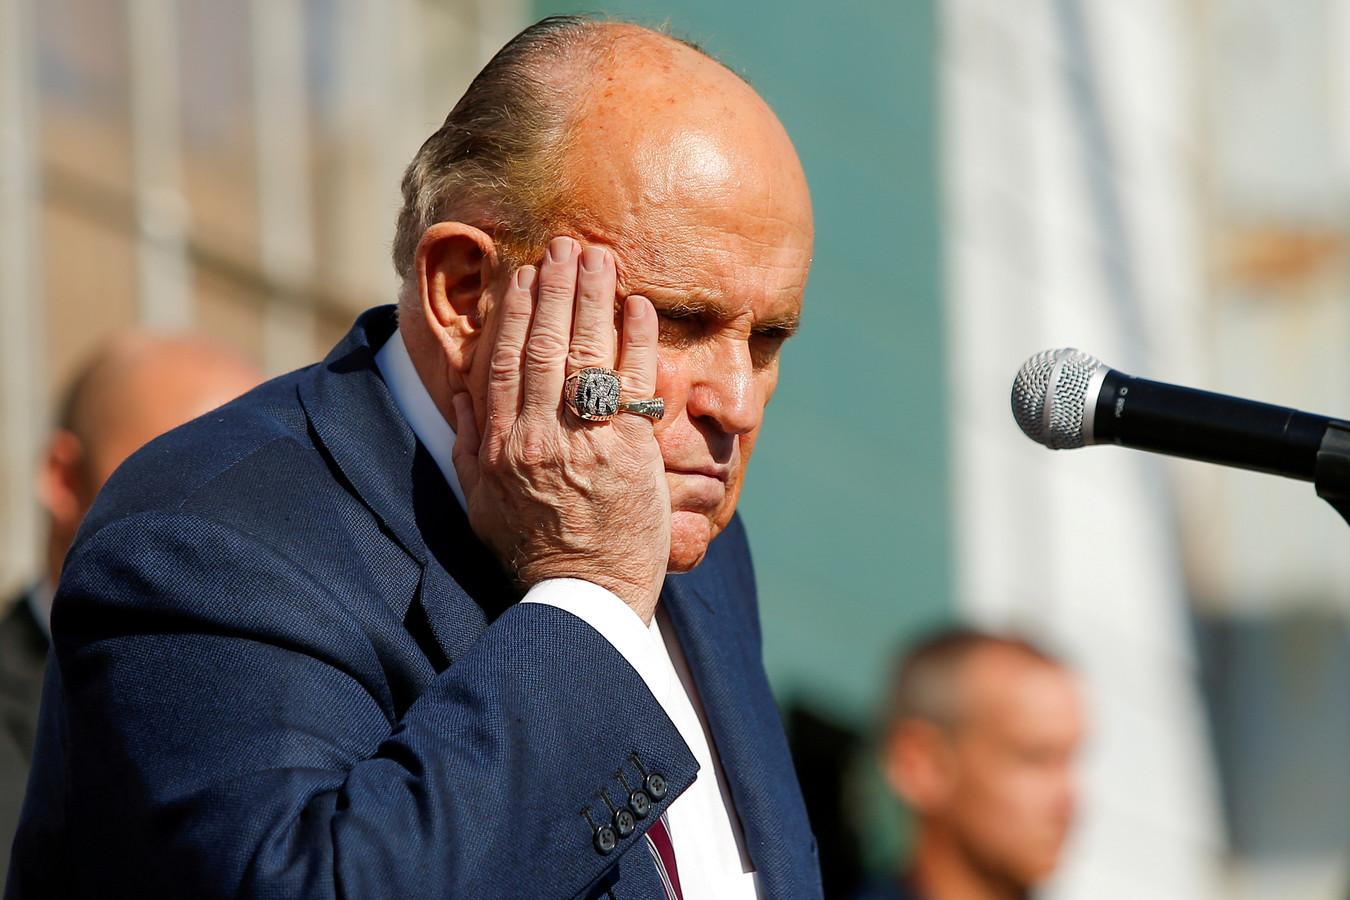 Rudy Giuliani, Trumps persoonlijke advocaat en tevens burgemeester van New York, tijdens ene toespraak in Philadelphia na het nieuws dat Amerikaanse media Joe Biden hadden uitgeroepen tot winnaar van de presidentsverkiezingen, op 7 november.